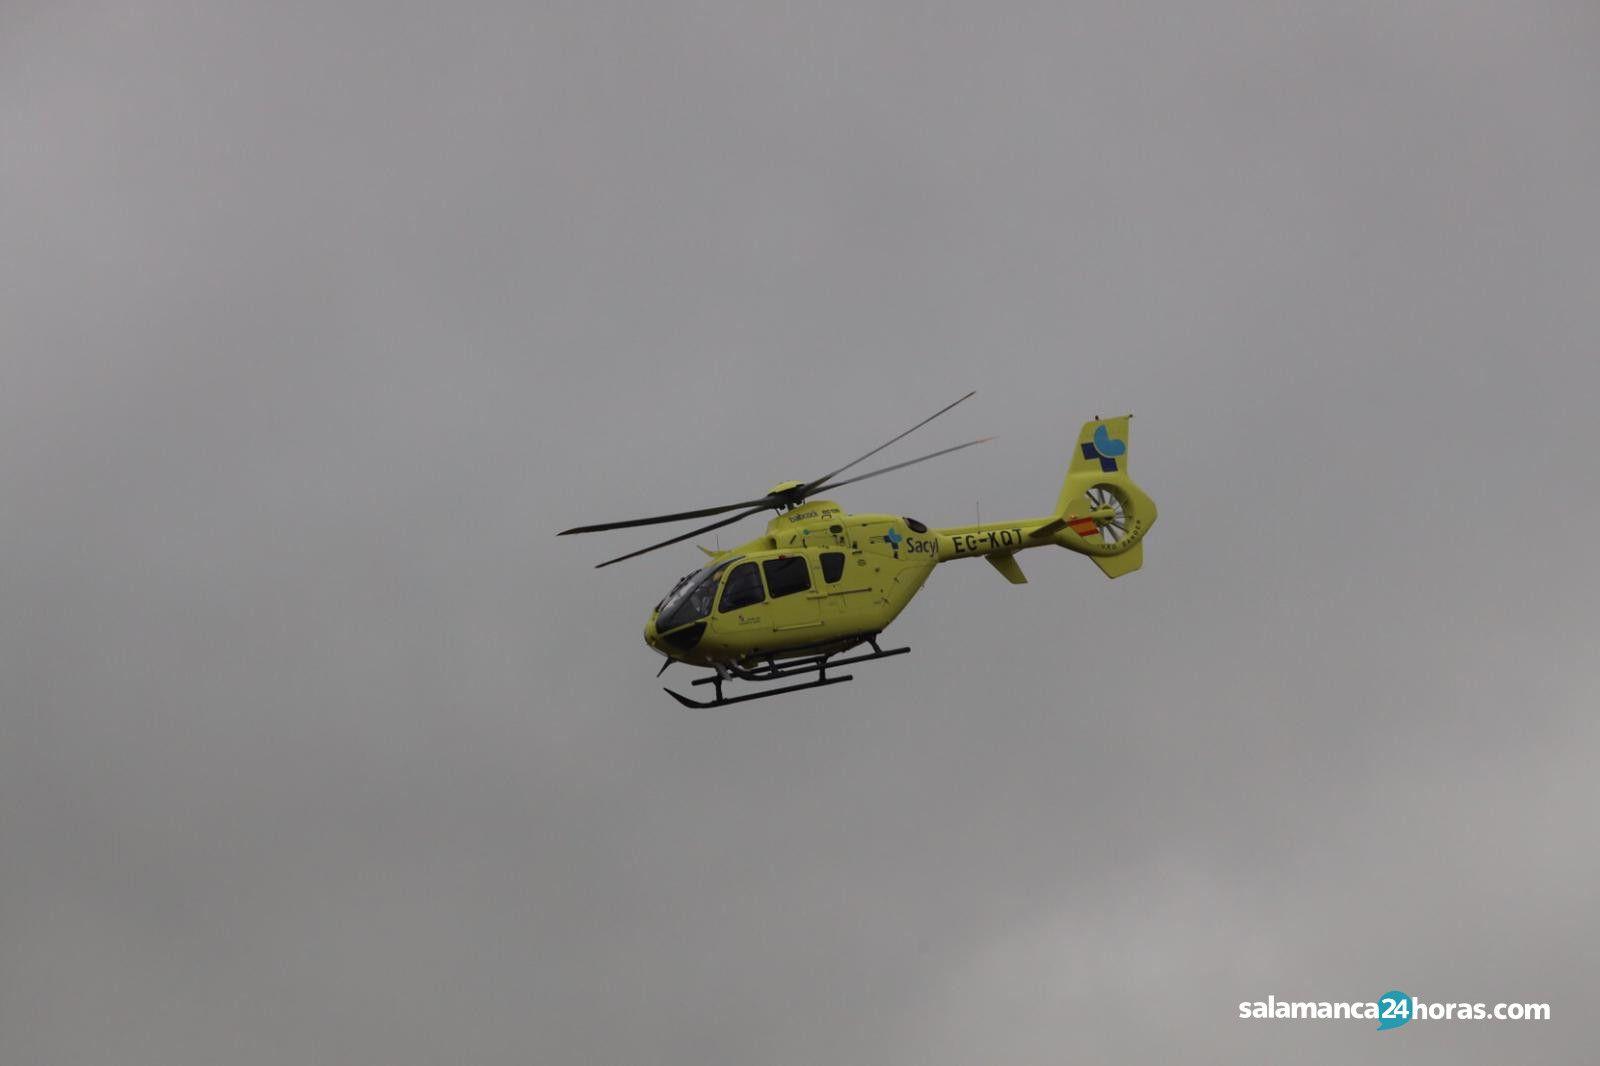 Helicoptero accidente ciclista (12)